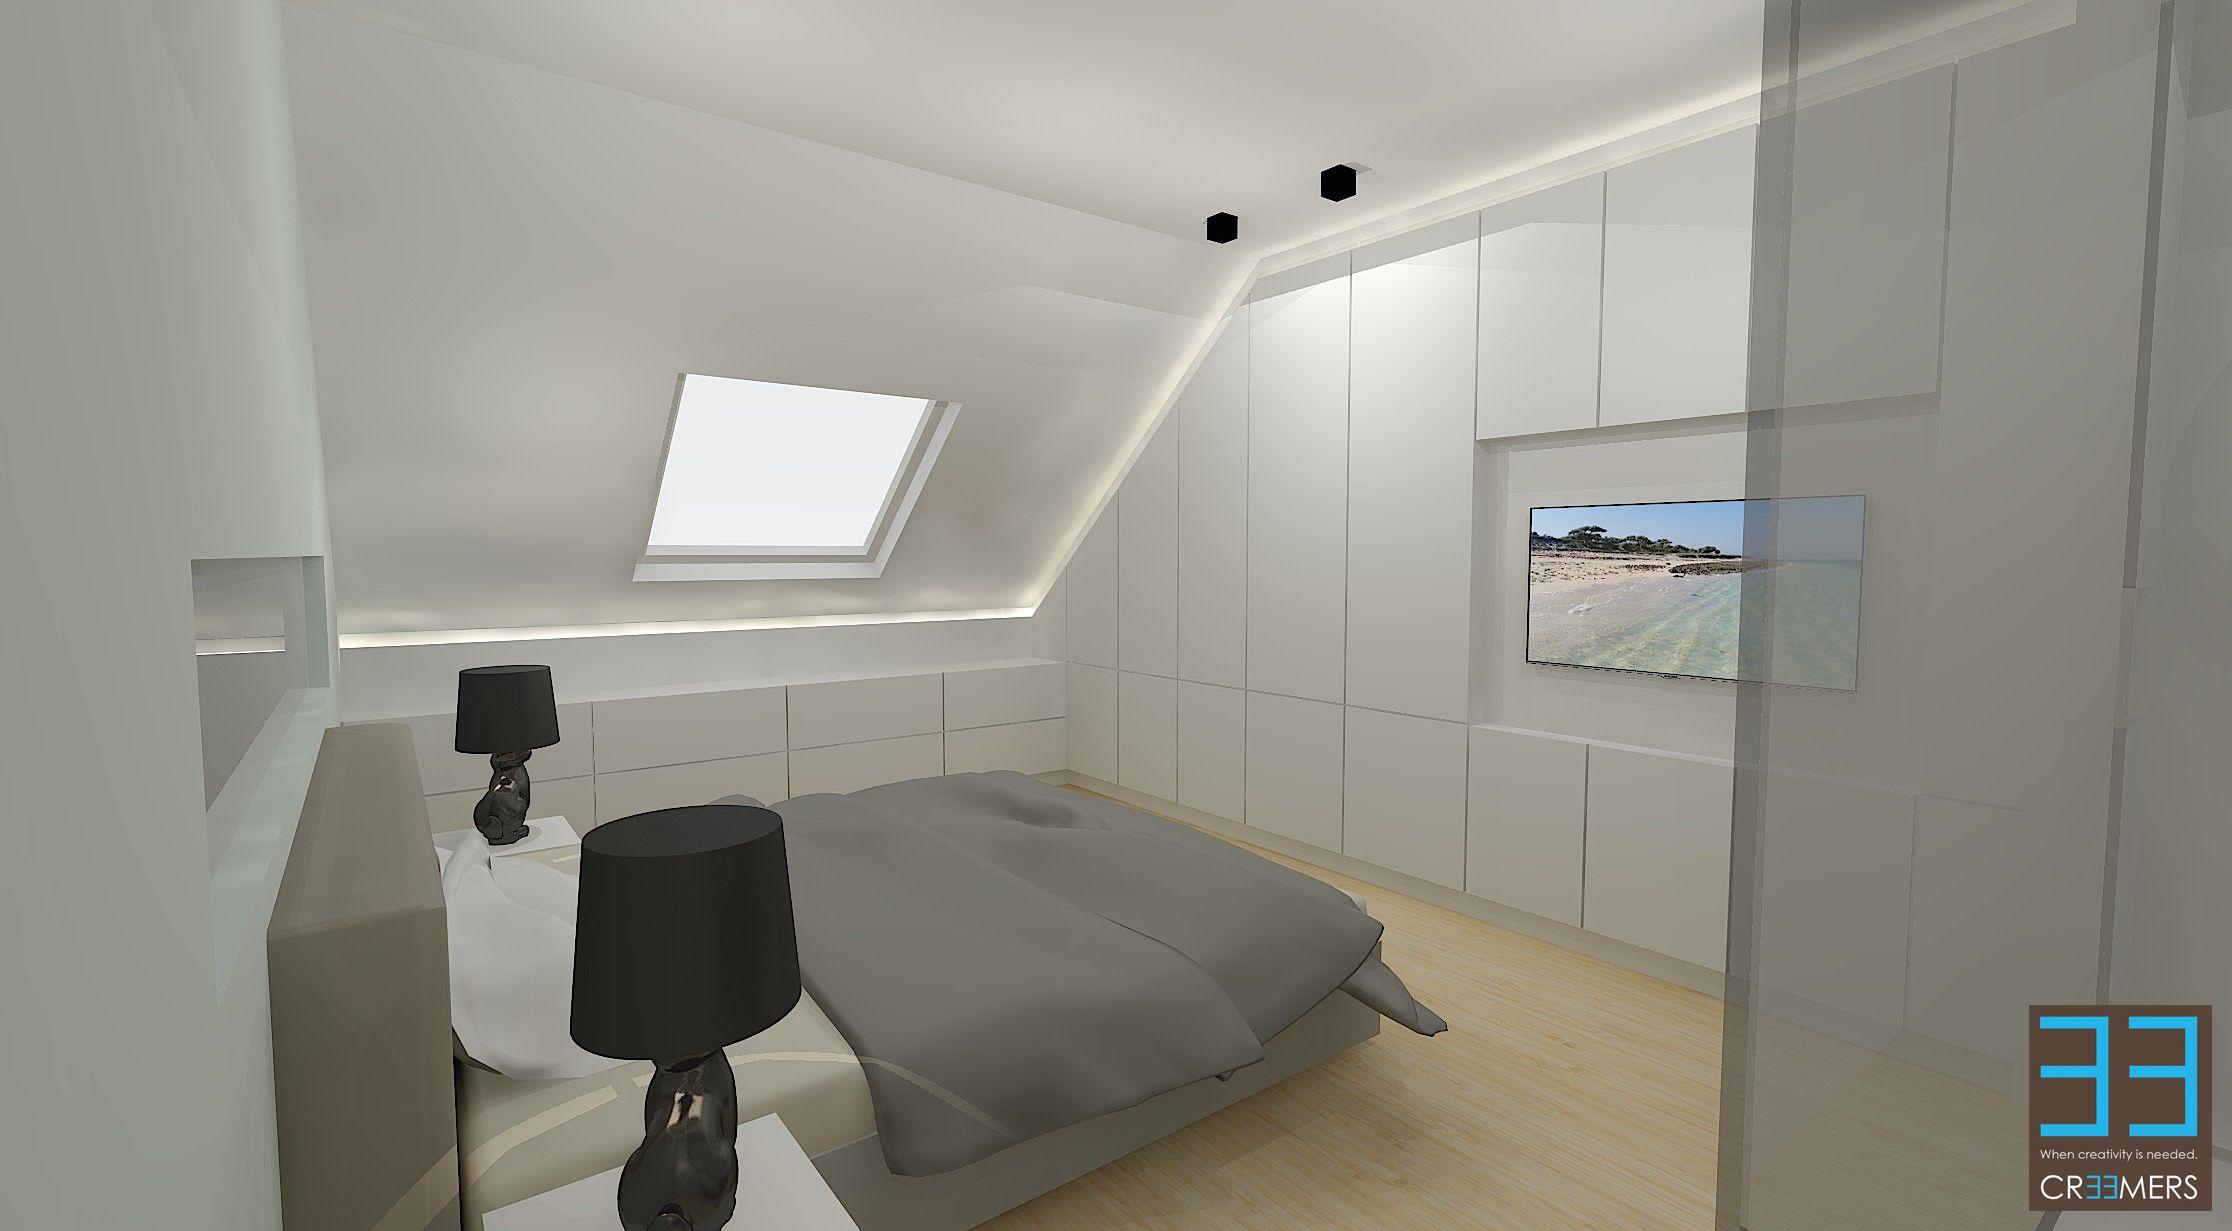 Slaapkamer met maatkasten en ingewerkte tv. indirecte verlichting